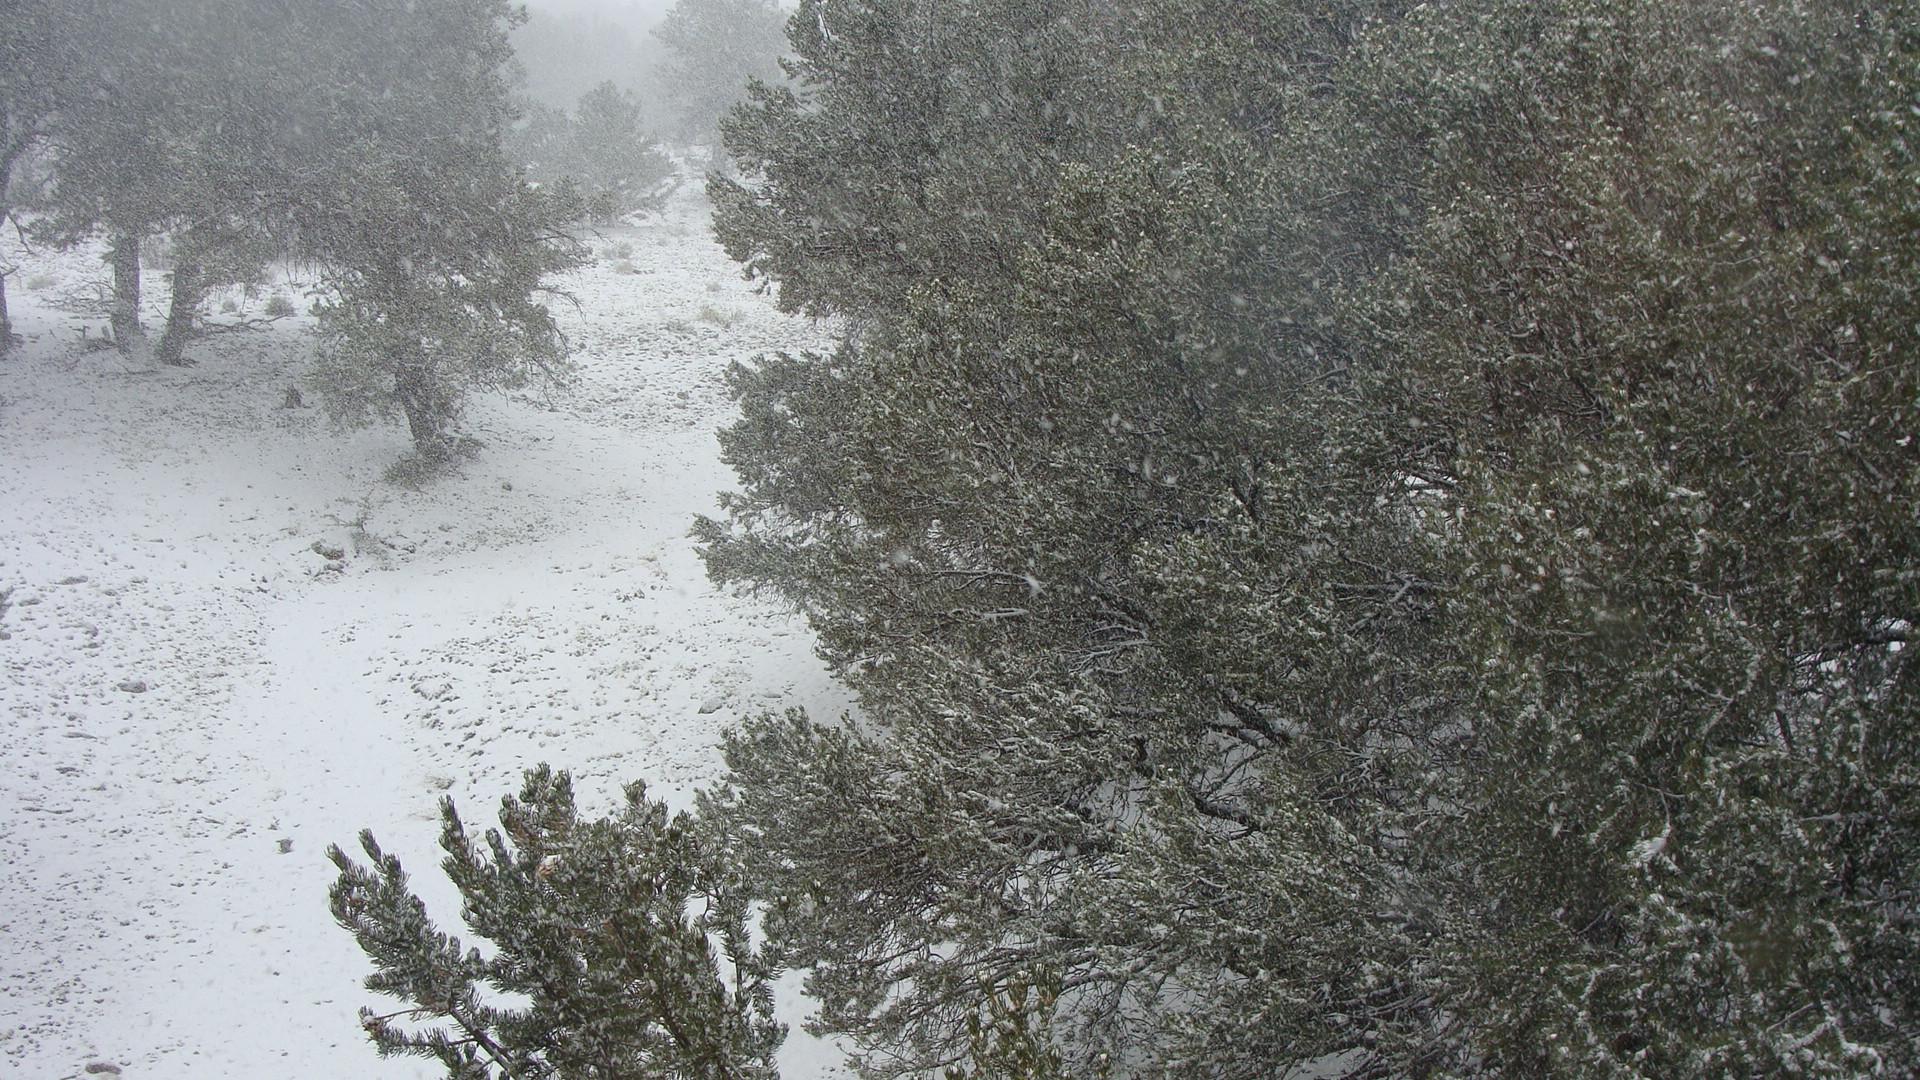 snow storm trees